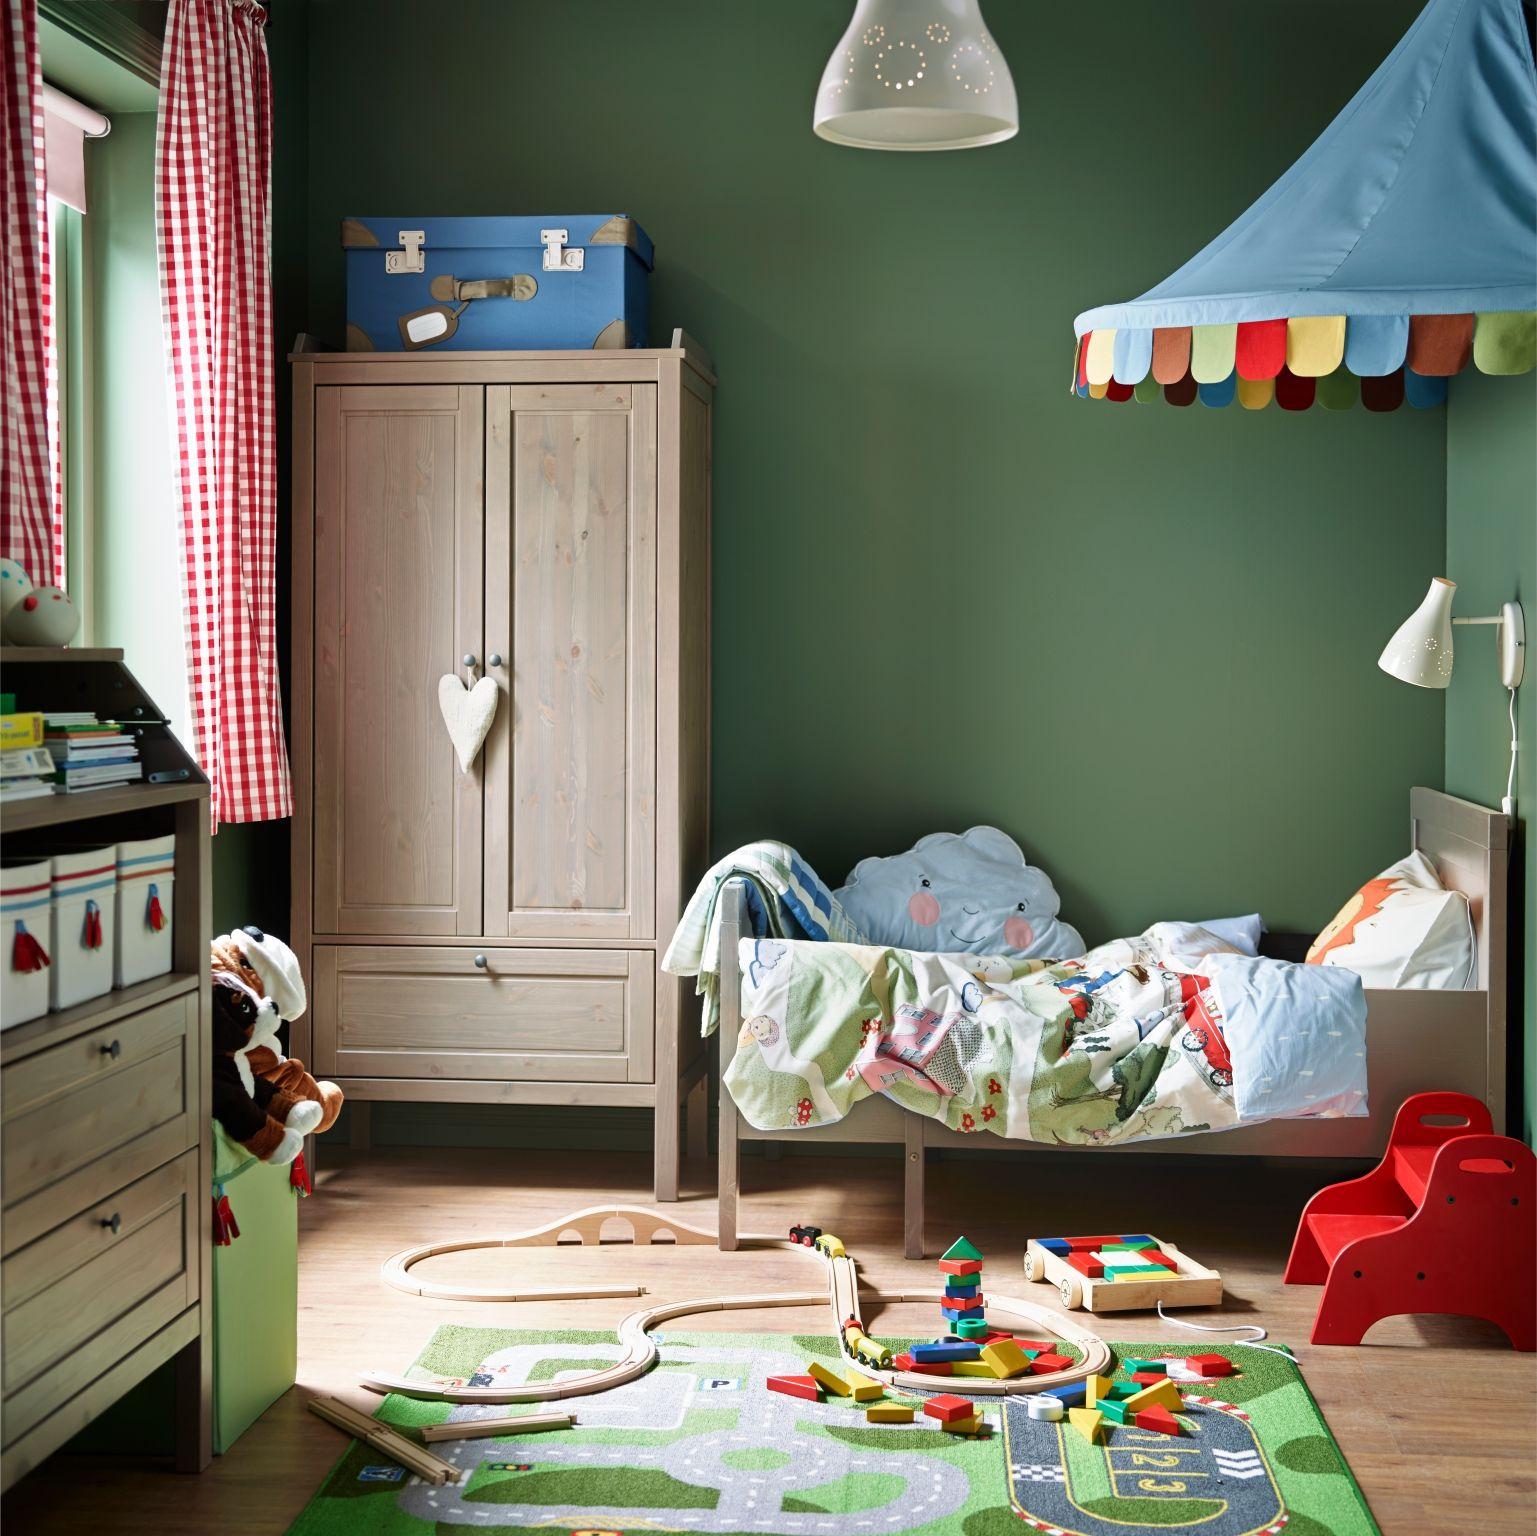 Ιδέες και λύσεις για το παιδικό ΙΚΕΑ Παιδικά δωμάτια